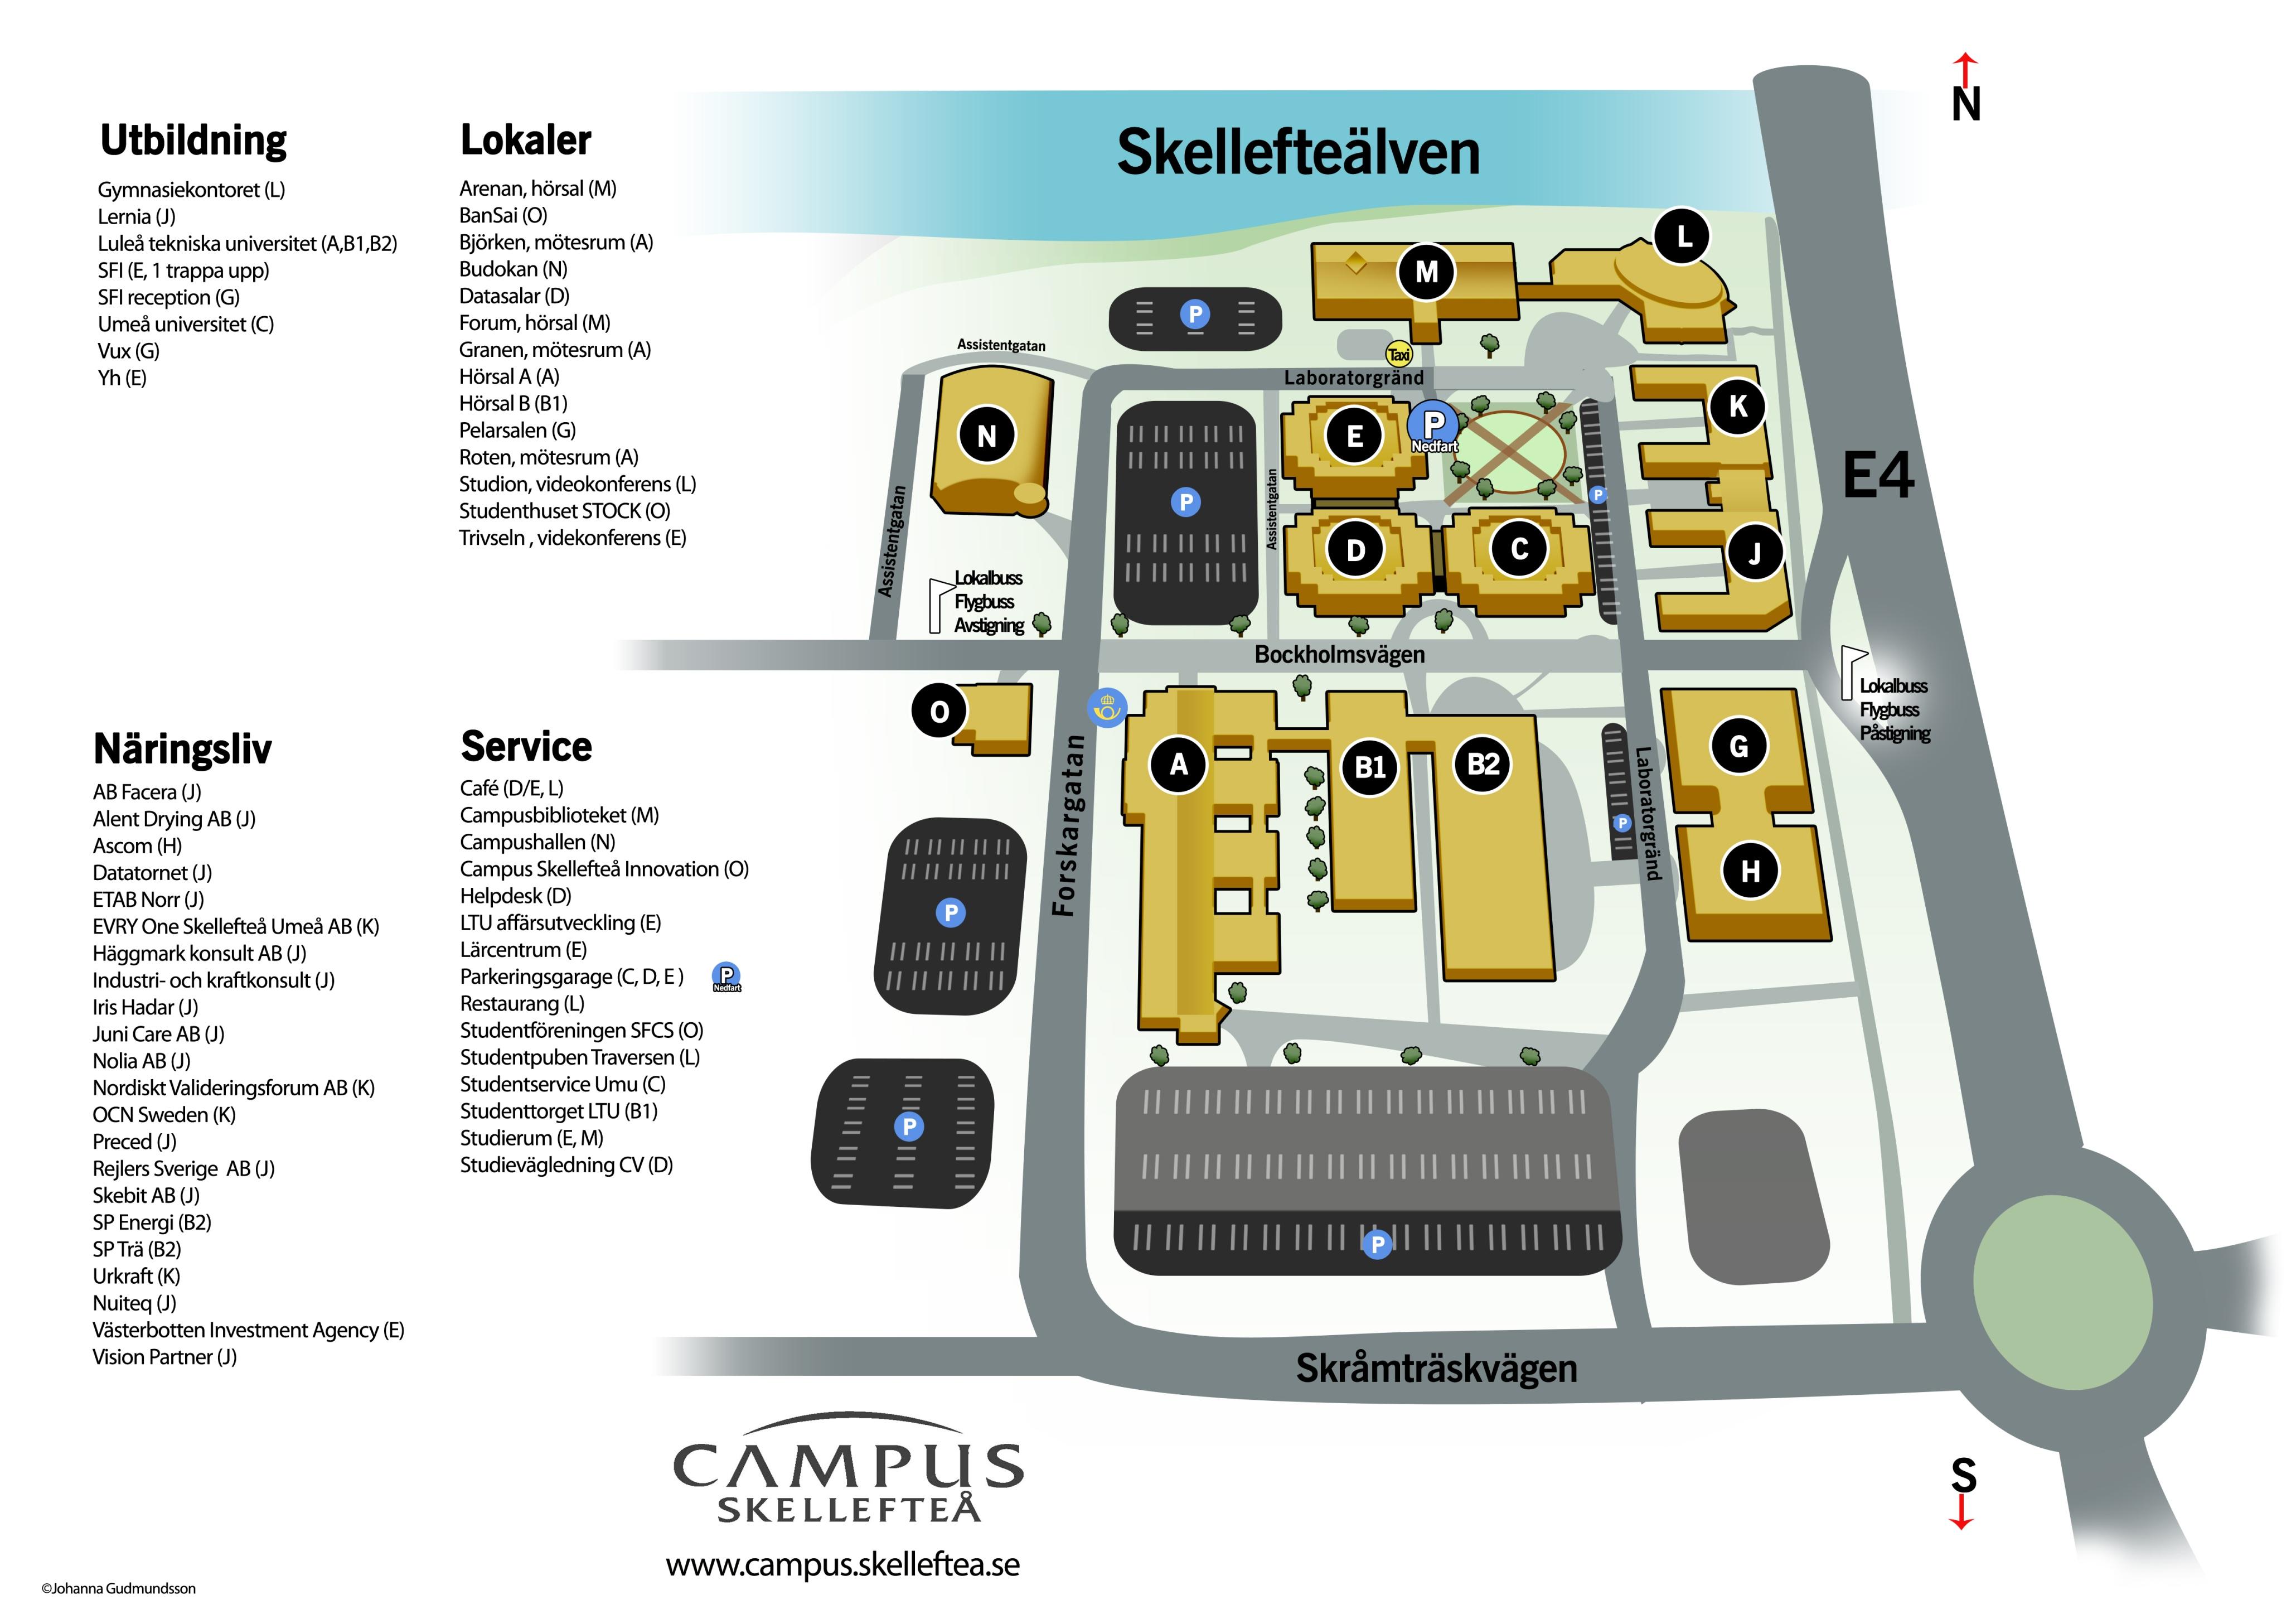 luleå universitet karta Karta över Campusområdet i Skellefteå   Luleå tekniska universitet  luleå universitet karta